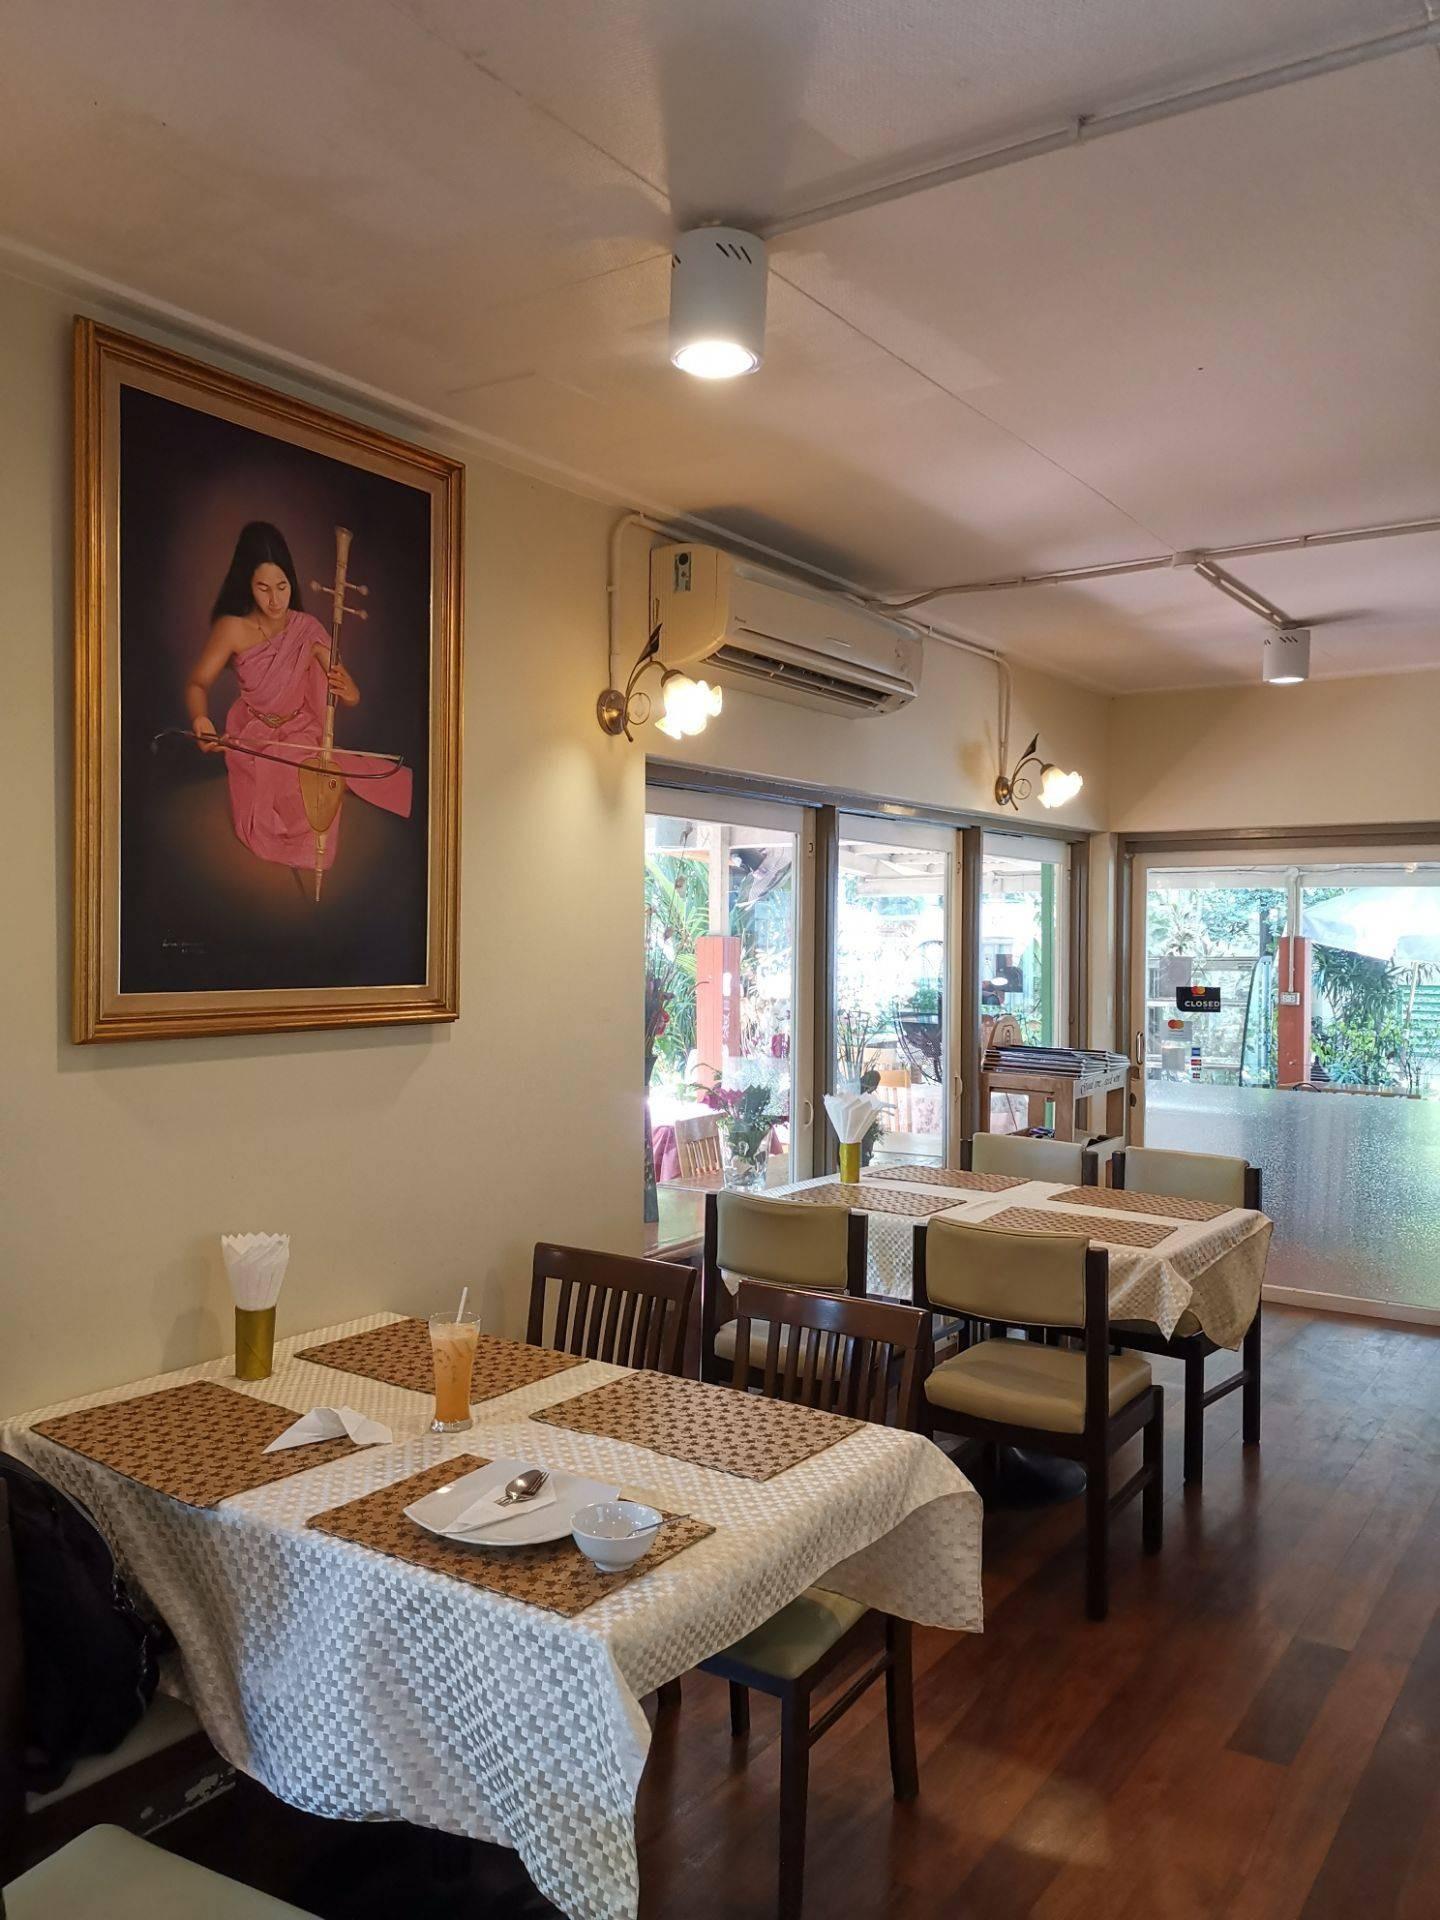 ร้านอาหารไทย ซอสามสาย สุขุมวิท ซอย 61